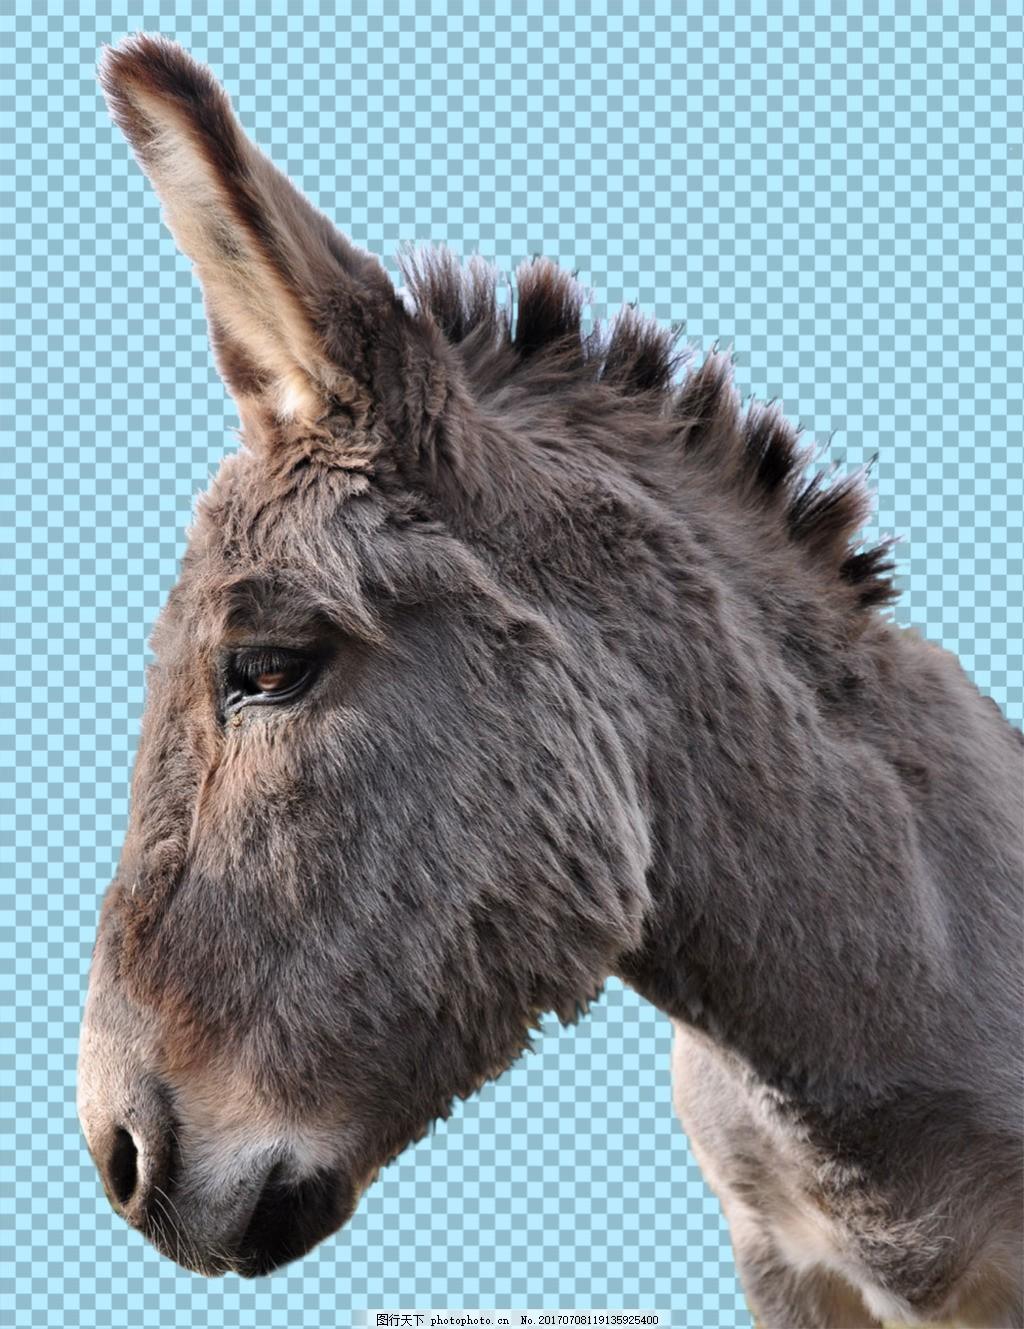 褐色毛发驴头图片免抠png透明图层素材 家畜动物 可爱动物图片 家禽